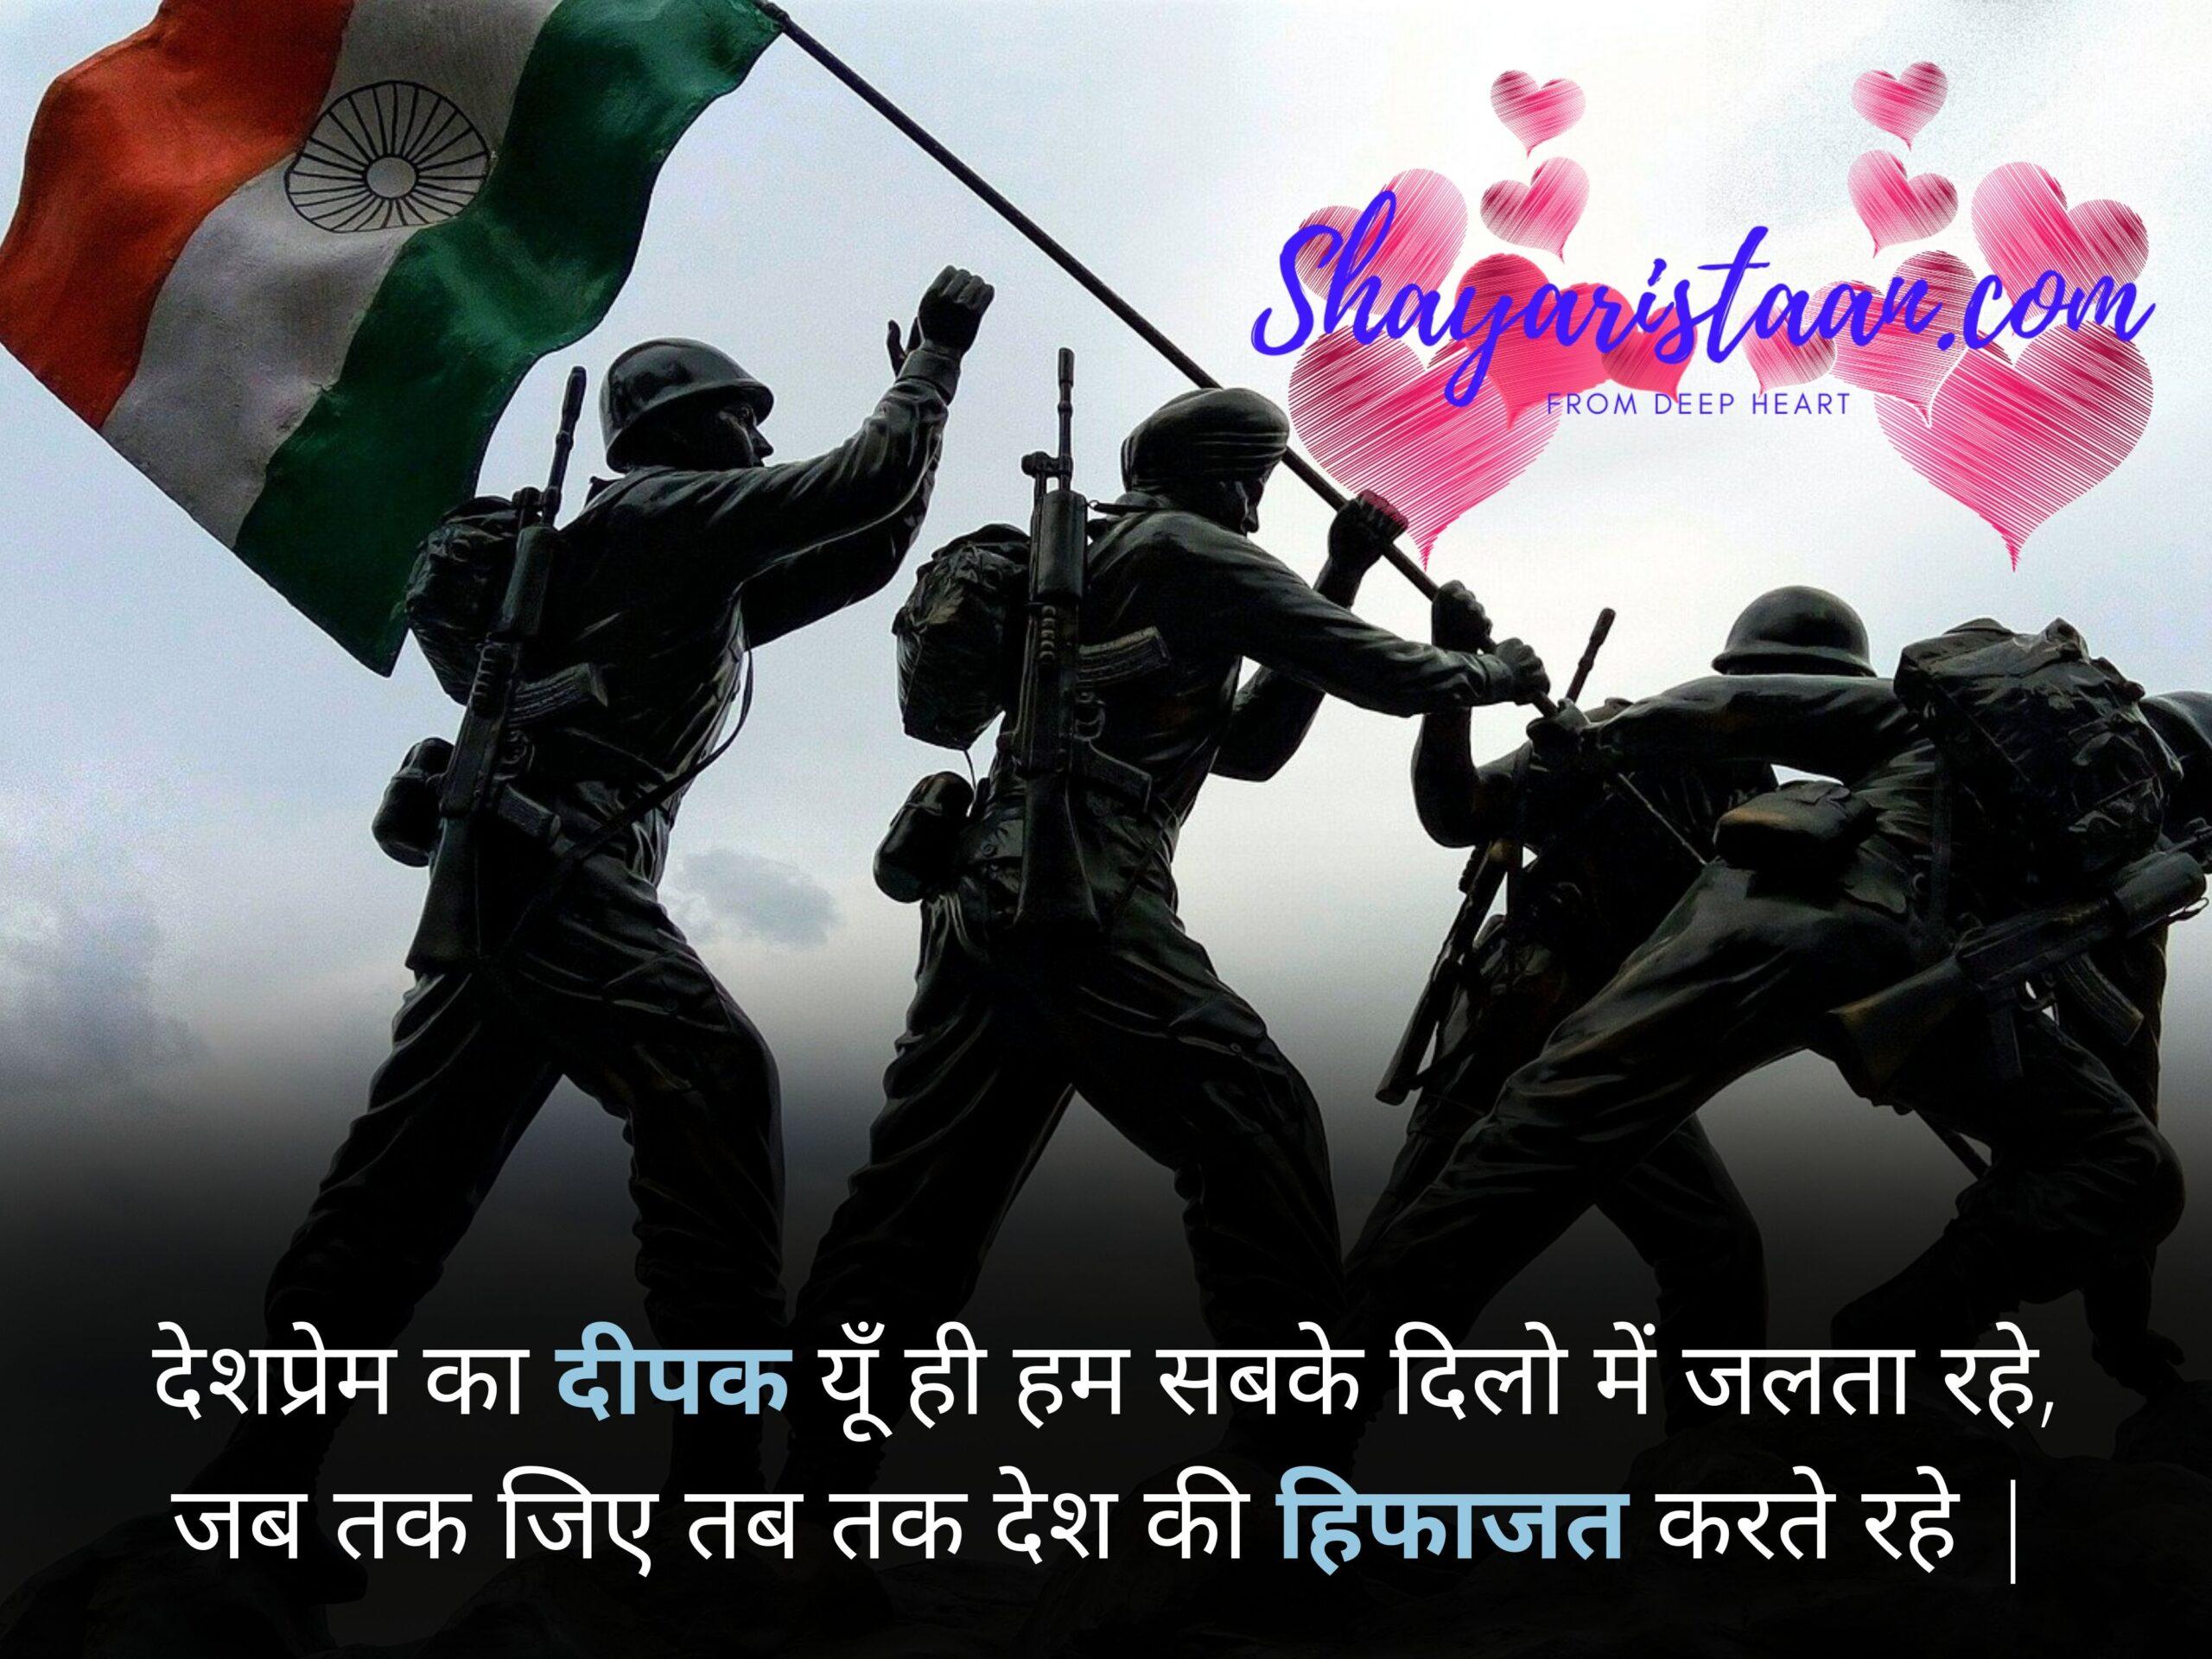 indian army shayari | देशप्रेम का दीपक यूँ ही हम सबके दिलो में जलता रहे, जब तक जिए तब तक देश की हिफाजत करते रहे |